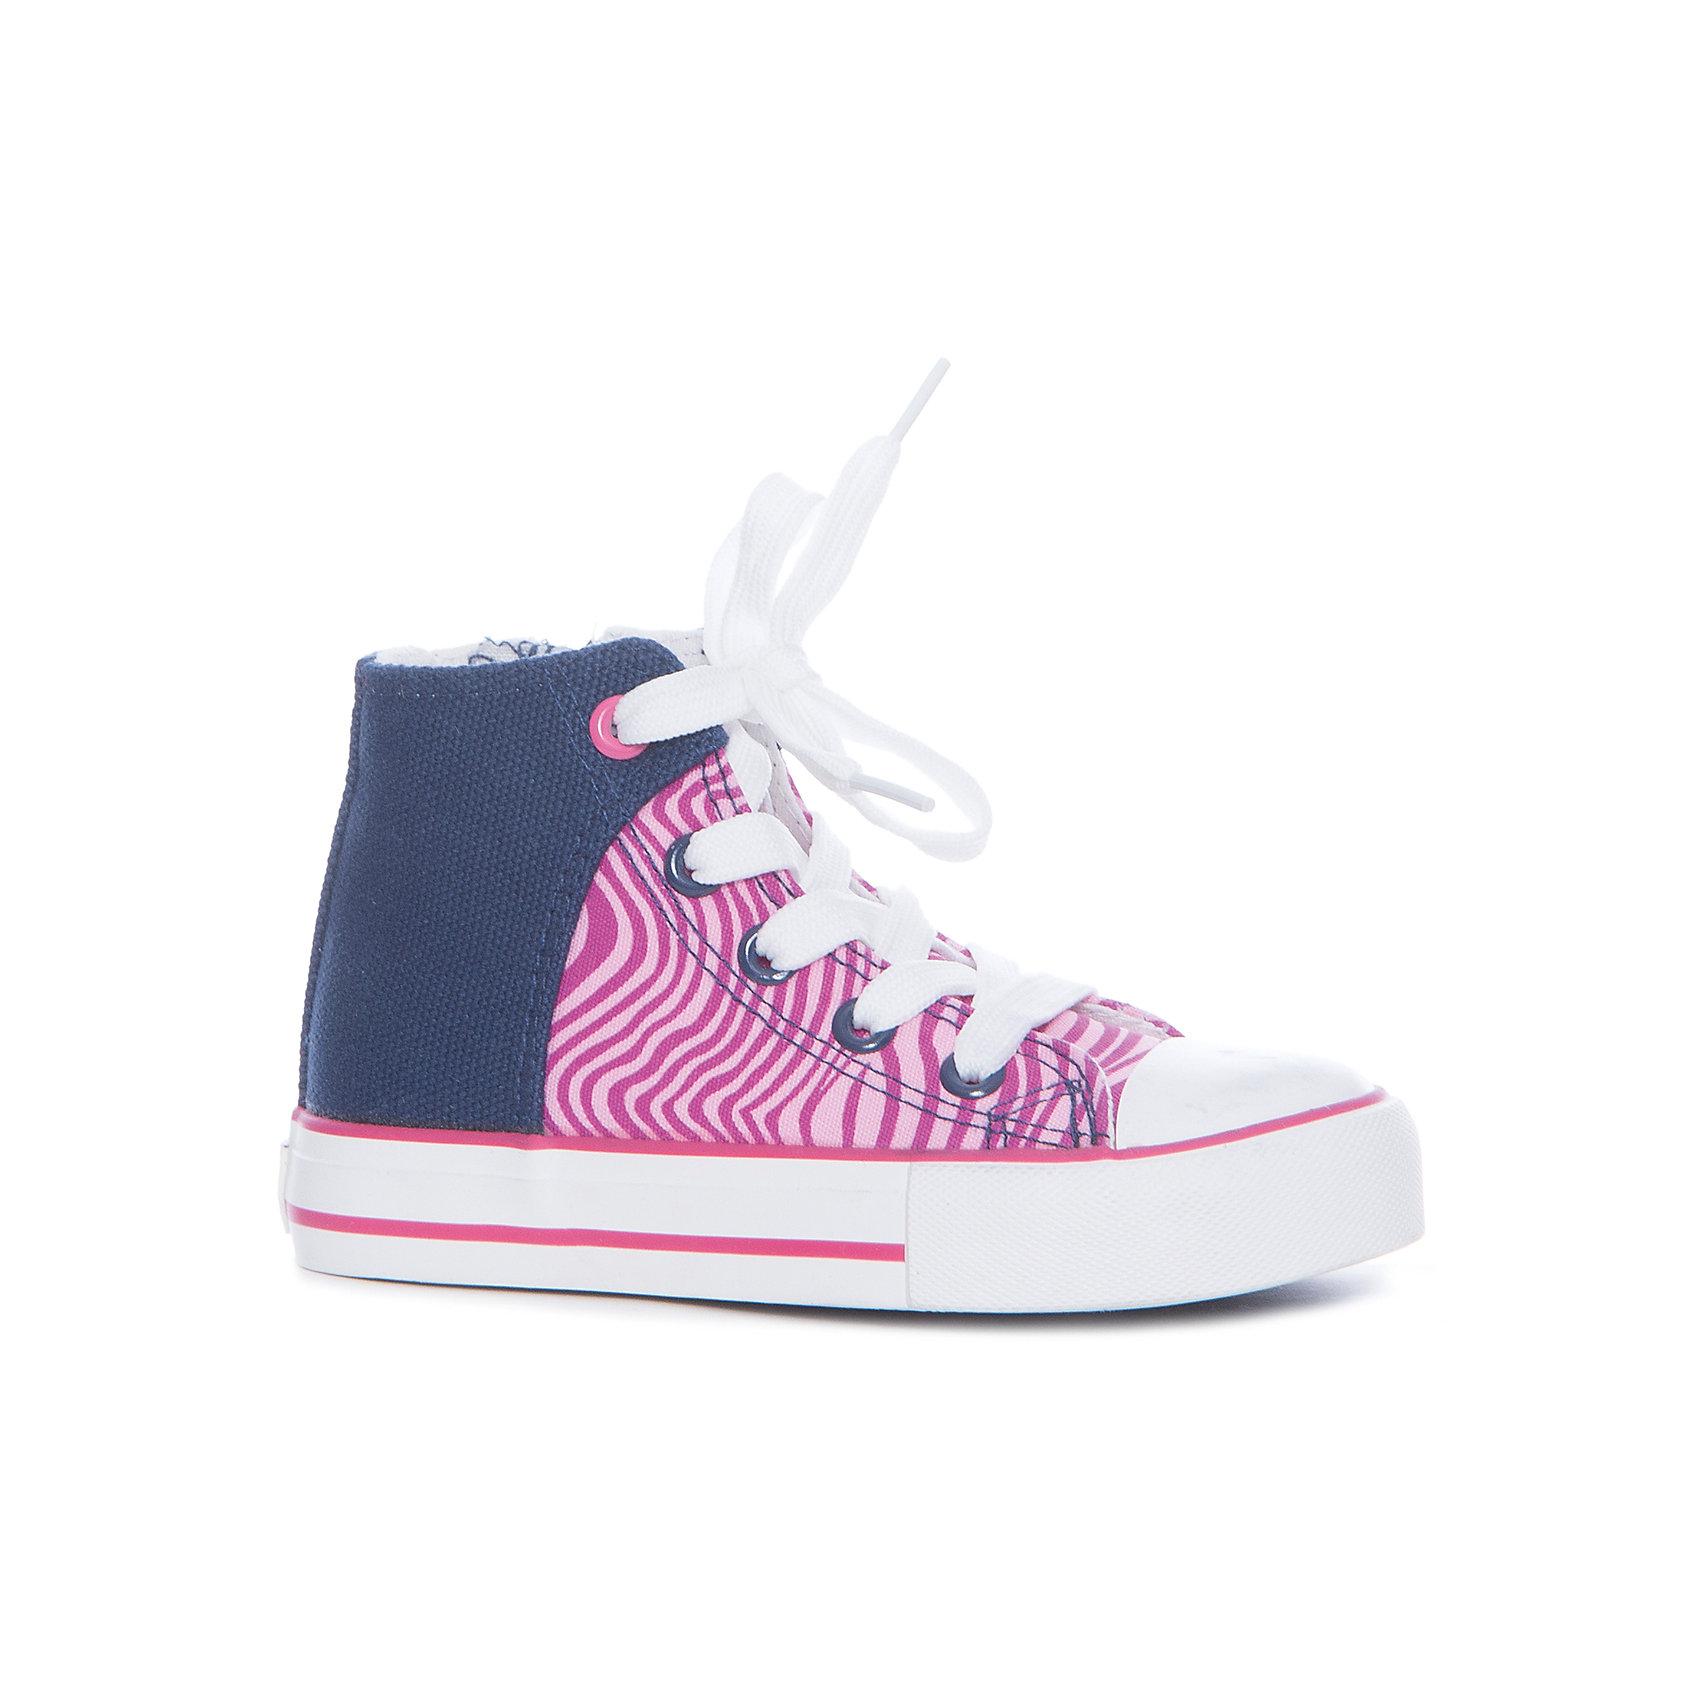 Кеды для девочки Color KidsКеды<br>Характеристики товара:<br><br>• цвет: розовый<br>• сезон: демисезон<br>• температурный режим: +10 до +20<br>• состав: текстиль<br>• подошва: резина<br>• застежка: шнурки, молния<br>• высокие <br>• защита носка<br>• страна производства: Китай<br>• страна бренда: Дания<br><br>Эти стильные и удобные кеды сделаны из прочного и легкого материала, поэтому отлично подойдут для теплой погоды в весенне-летний сезон.<br><br>Они комфортно сидят и обеспечивает ребенку необходимое удобство. <br><br>Очень стильно смотрятся. Отличный вариант качественной обуви от проверенного производителя!<br><br>Кеды для девочки от датского бренда Color Kids (Колор кидз) можно купить в нашем интернет-магазине.<br><br>Ширина мм: 250<br>Глубина мм: 150<br>Высота мм: 150<br>Вес г: 250<br>Цвет: розовый<br>Возраст от месяцев: 132<br>Возраст до месяцев: 144<br>Пол: Женский<br>Возраст: Детский<br>Размер: 35,26,27,28,29,30,31,32,33,34<br>SKU: 5557426